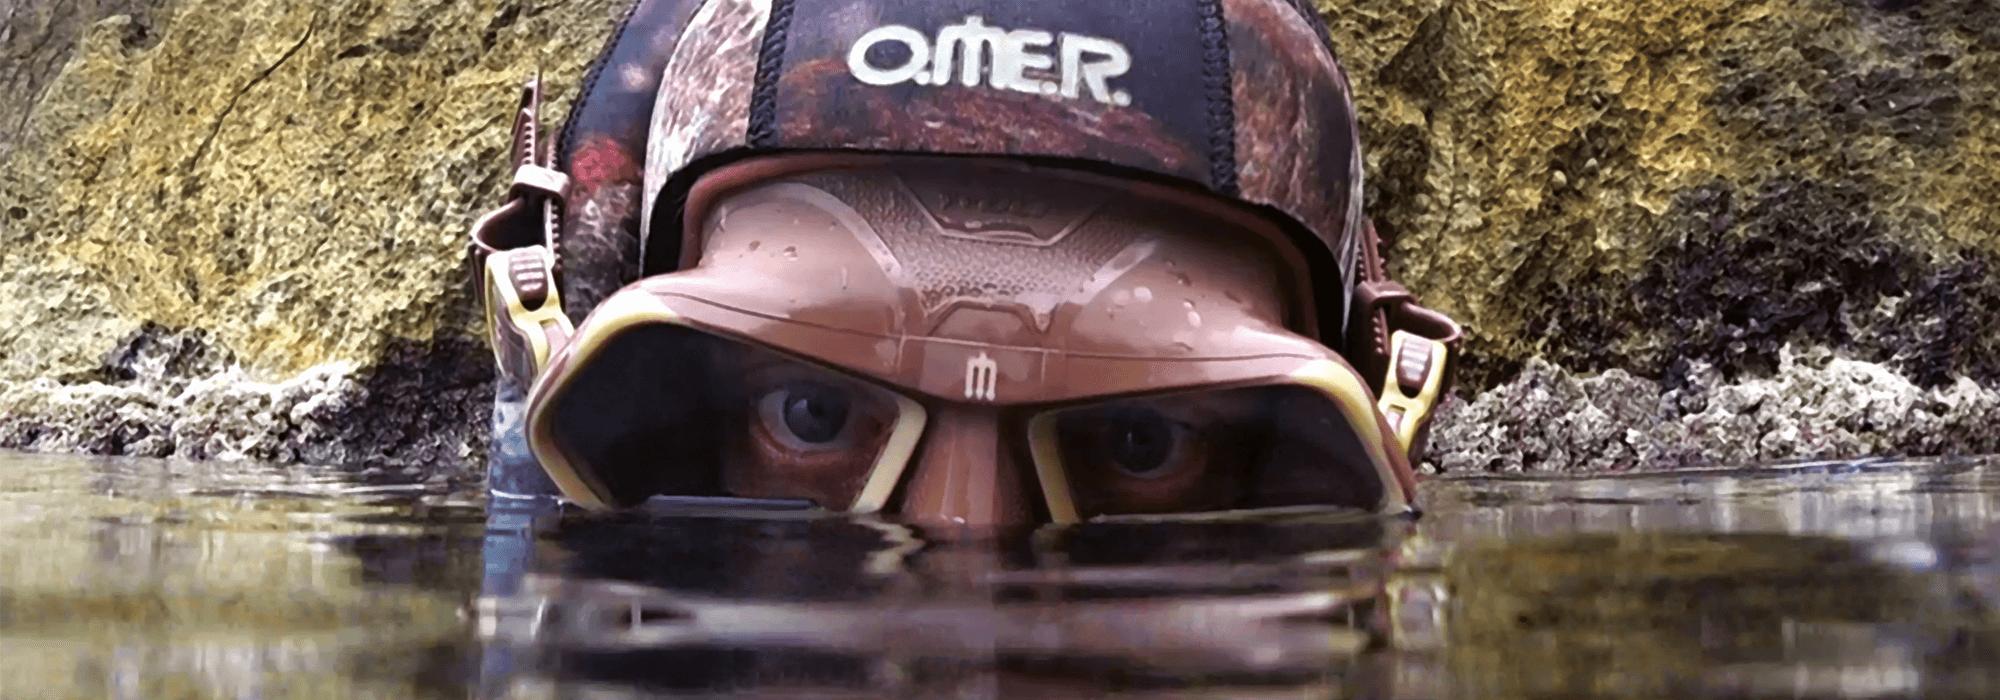 Antibeschlag für die Tauchermaske